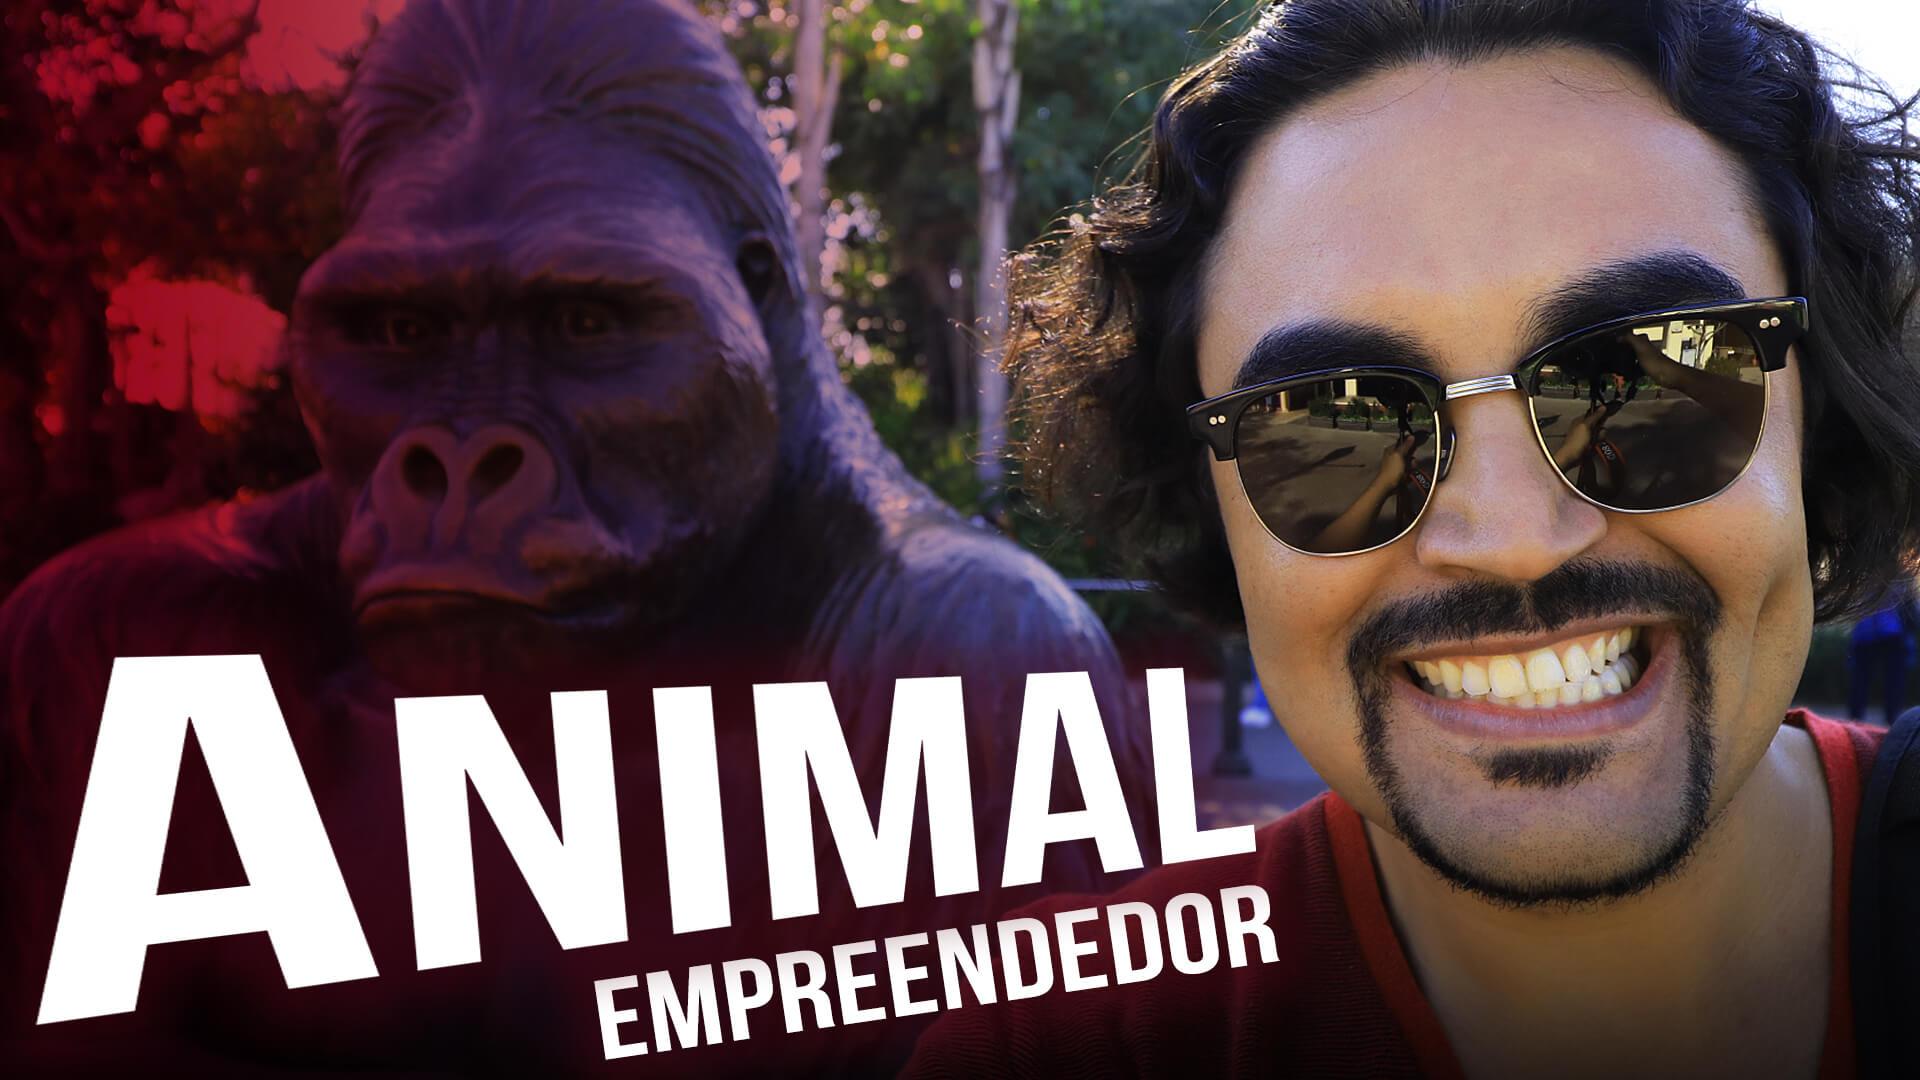 Personalidade Empreendedor Animal